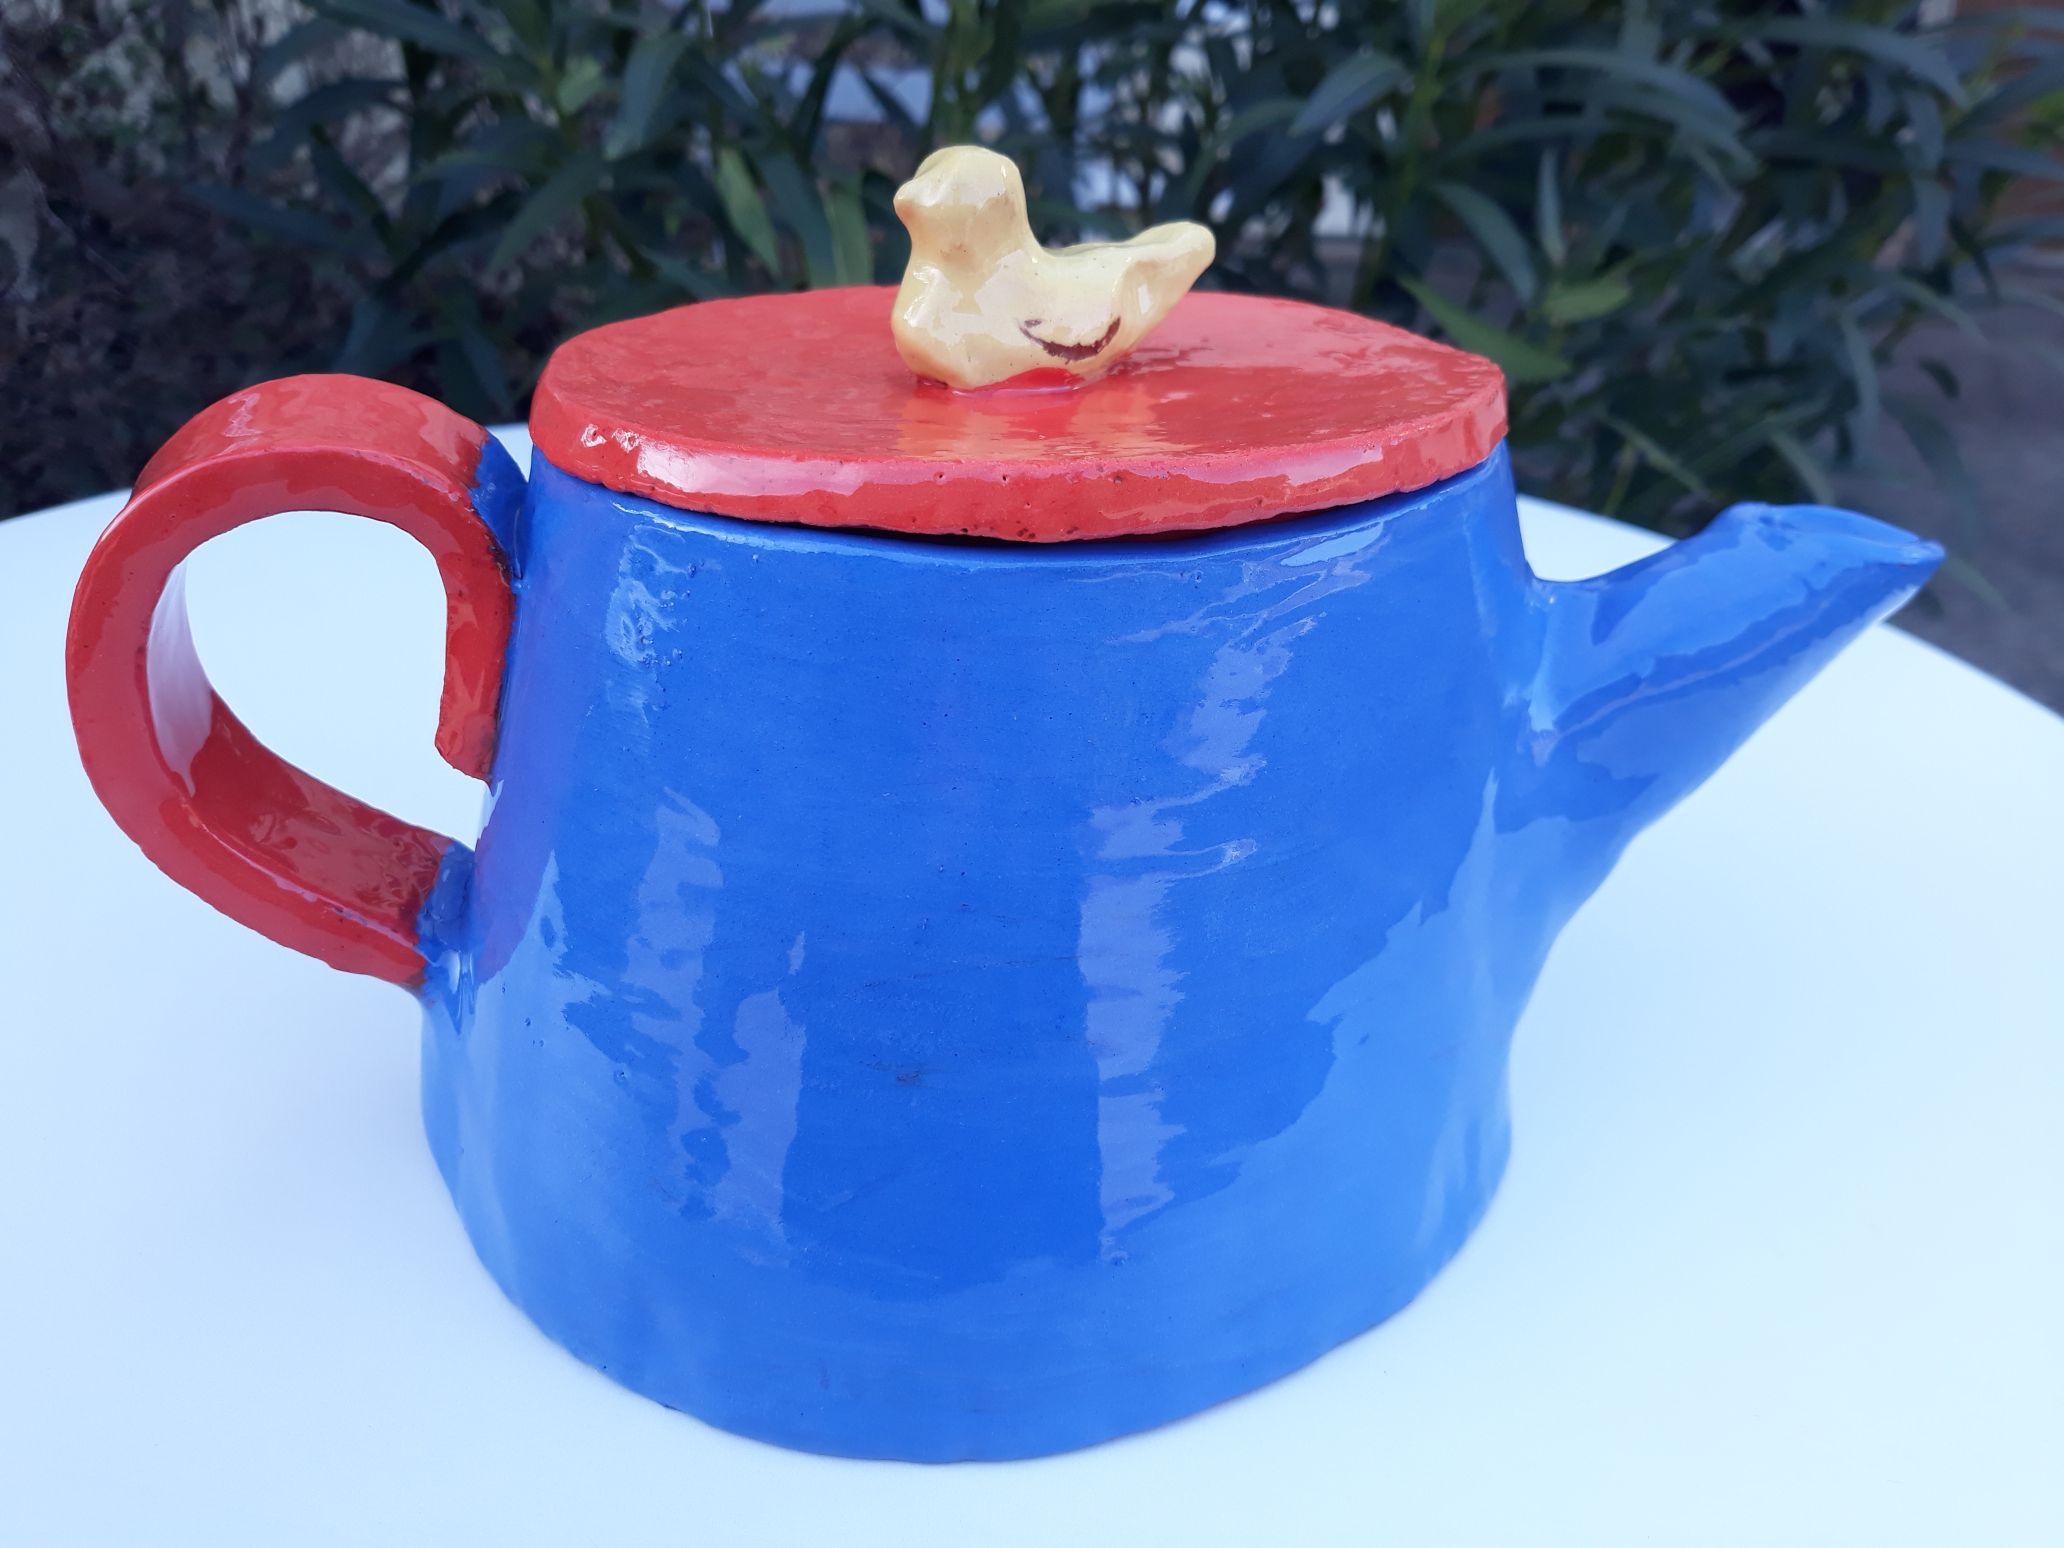 théière bleue et rouge